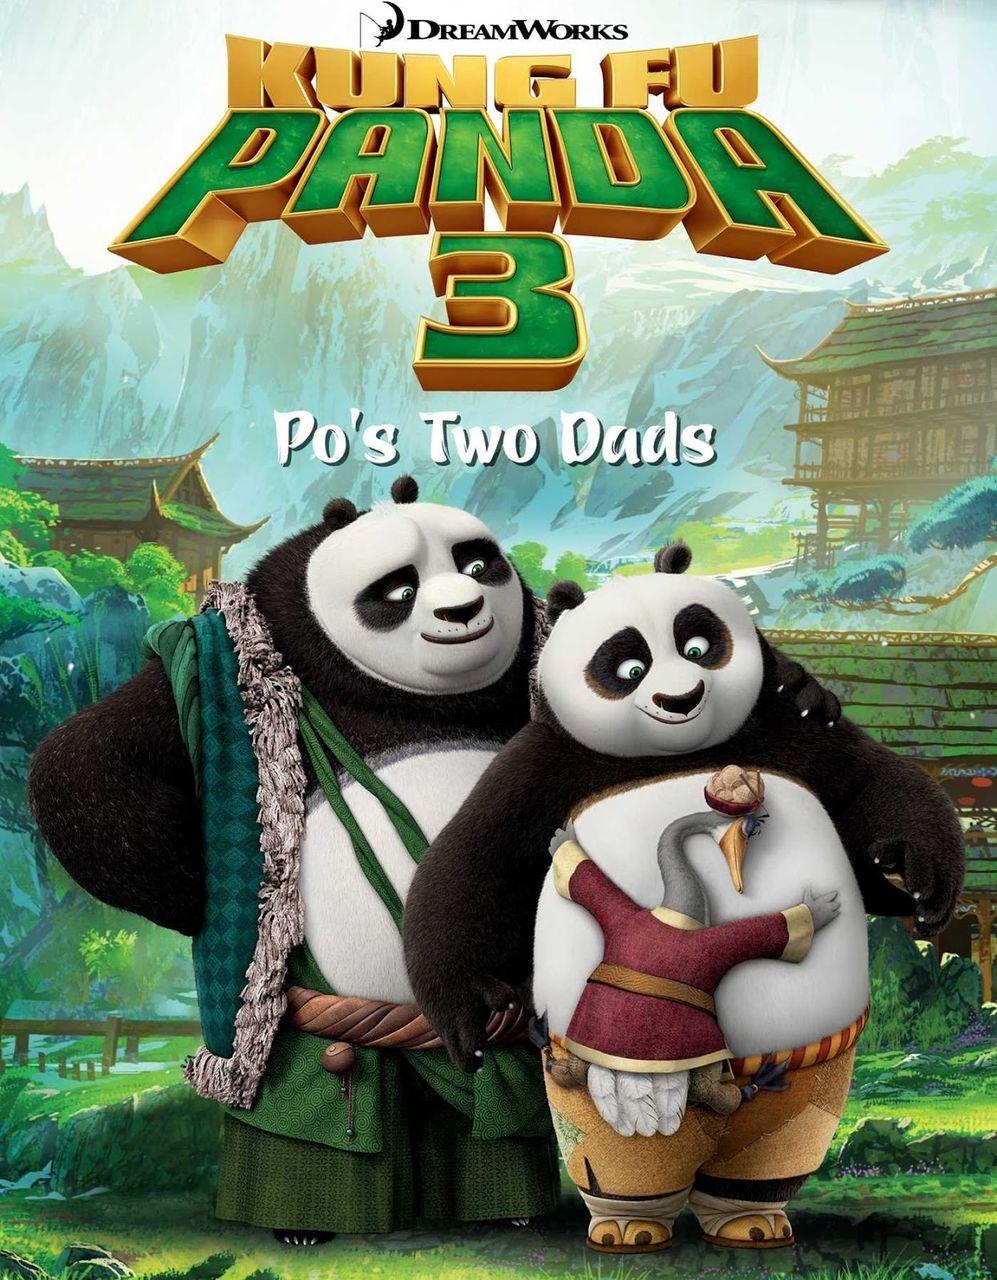 Kung-Fu-Panda-3-Pos-Two-Dads